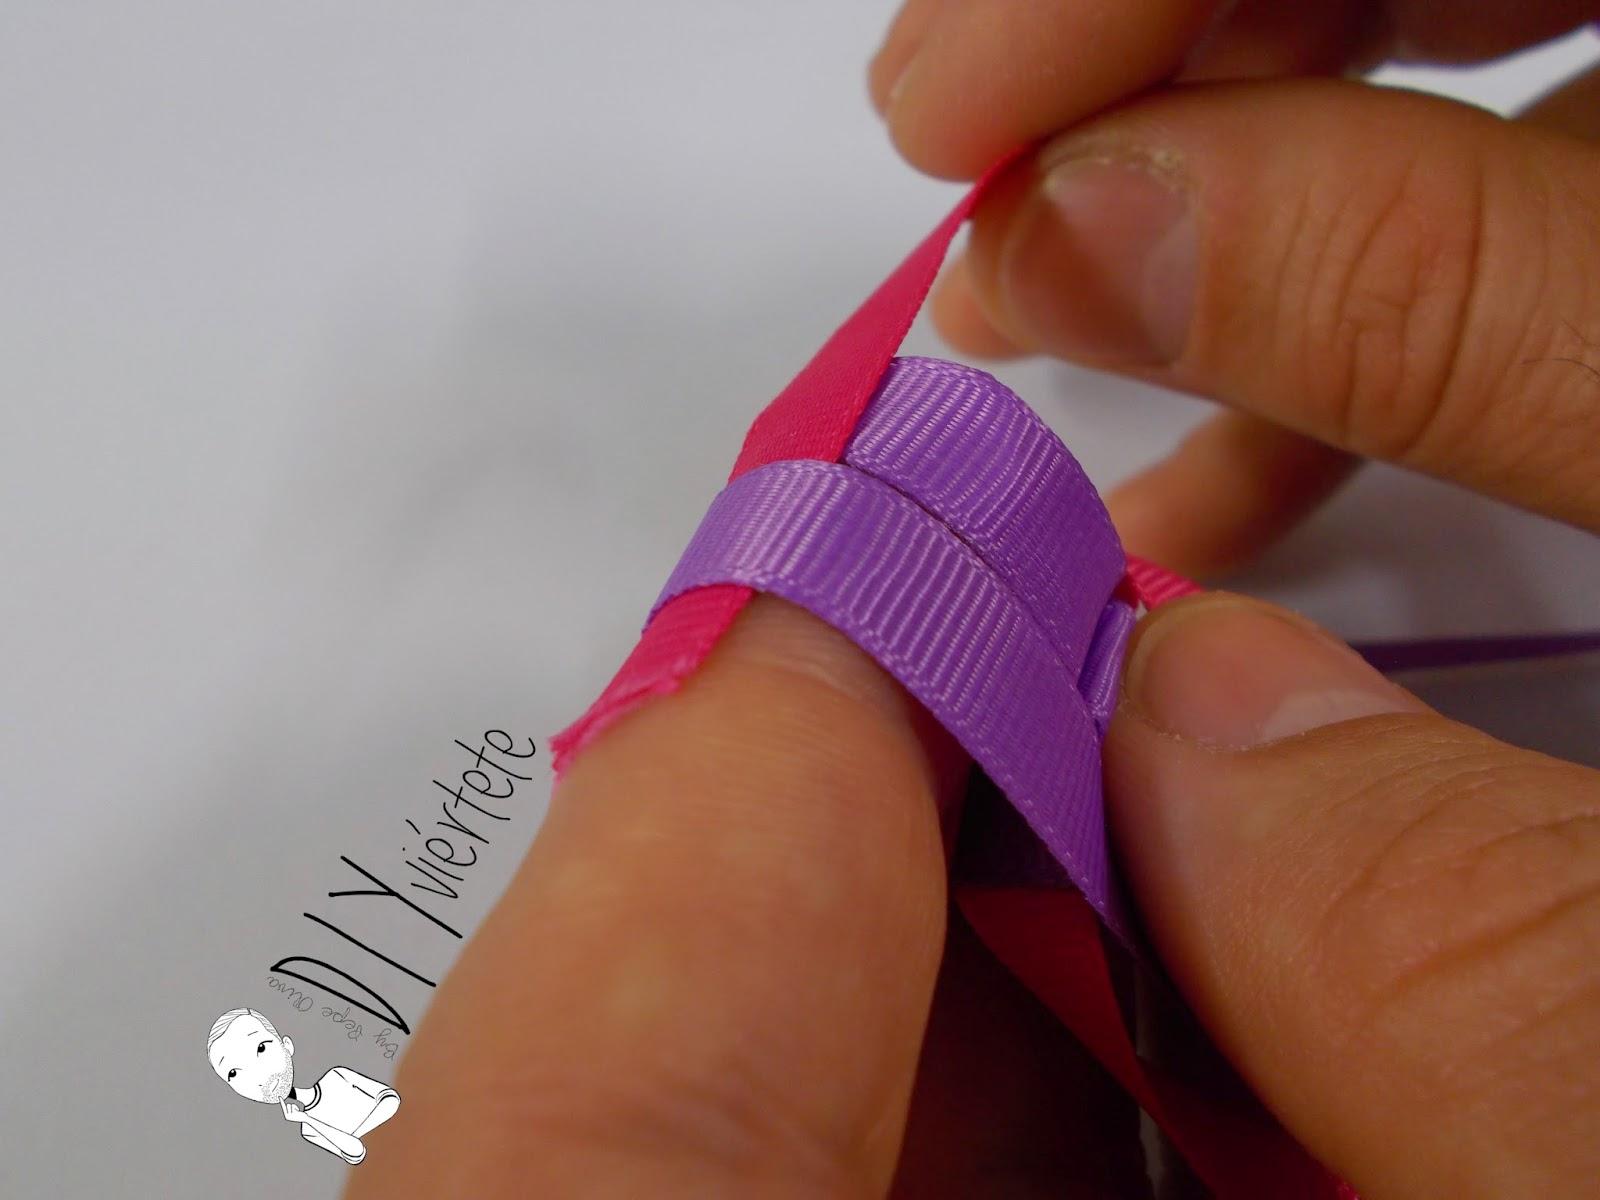 BLOGERSANDO-marzo-lila-collar-cinta raso-mujer trabajadora-color mujer-morado-violeta-acordeón-bisutería-5